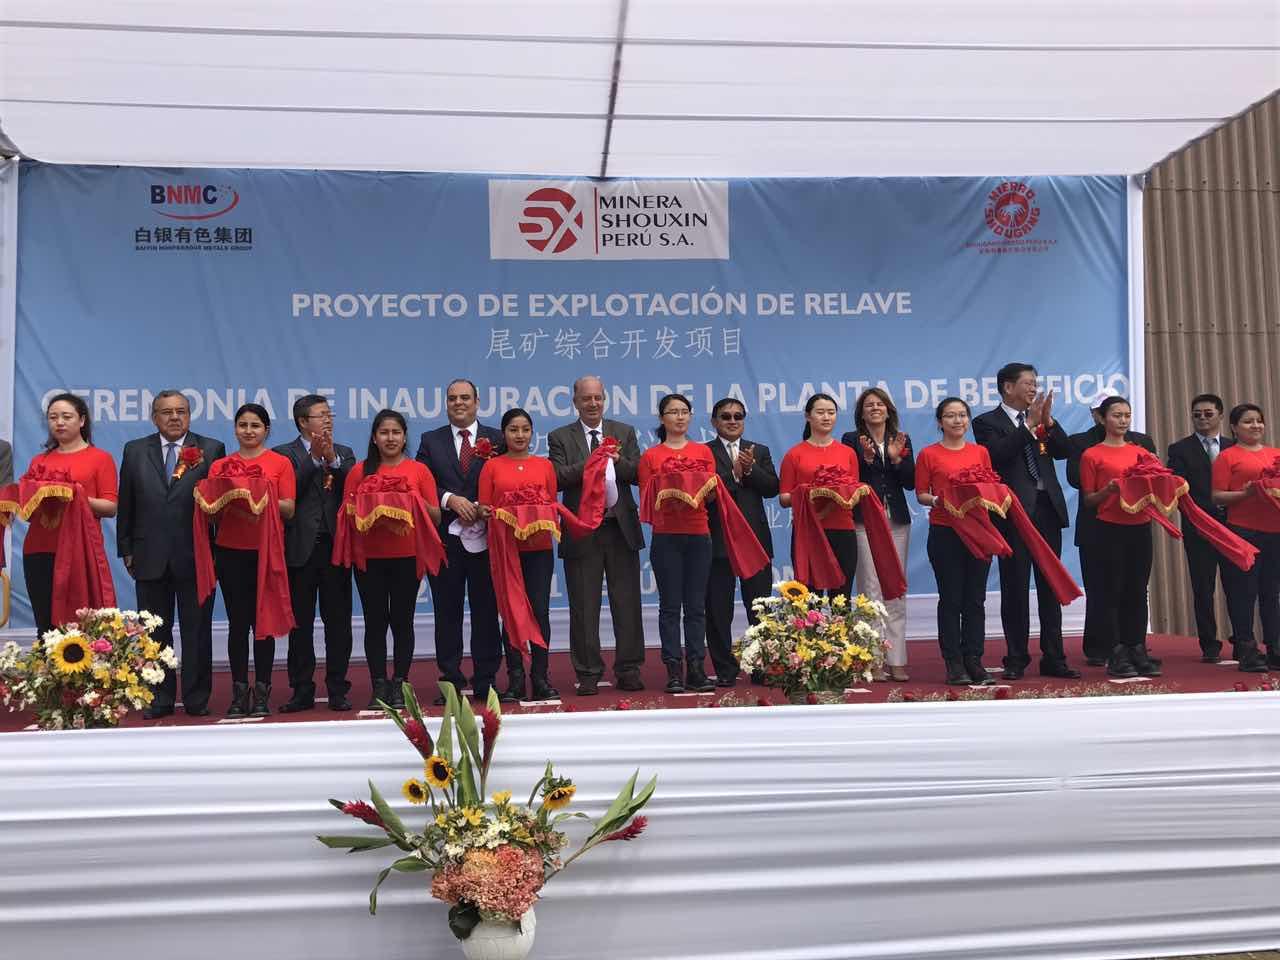 秘鲁首信尾矿综合开发项目正式投产 秘鲁总统表示祝贺